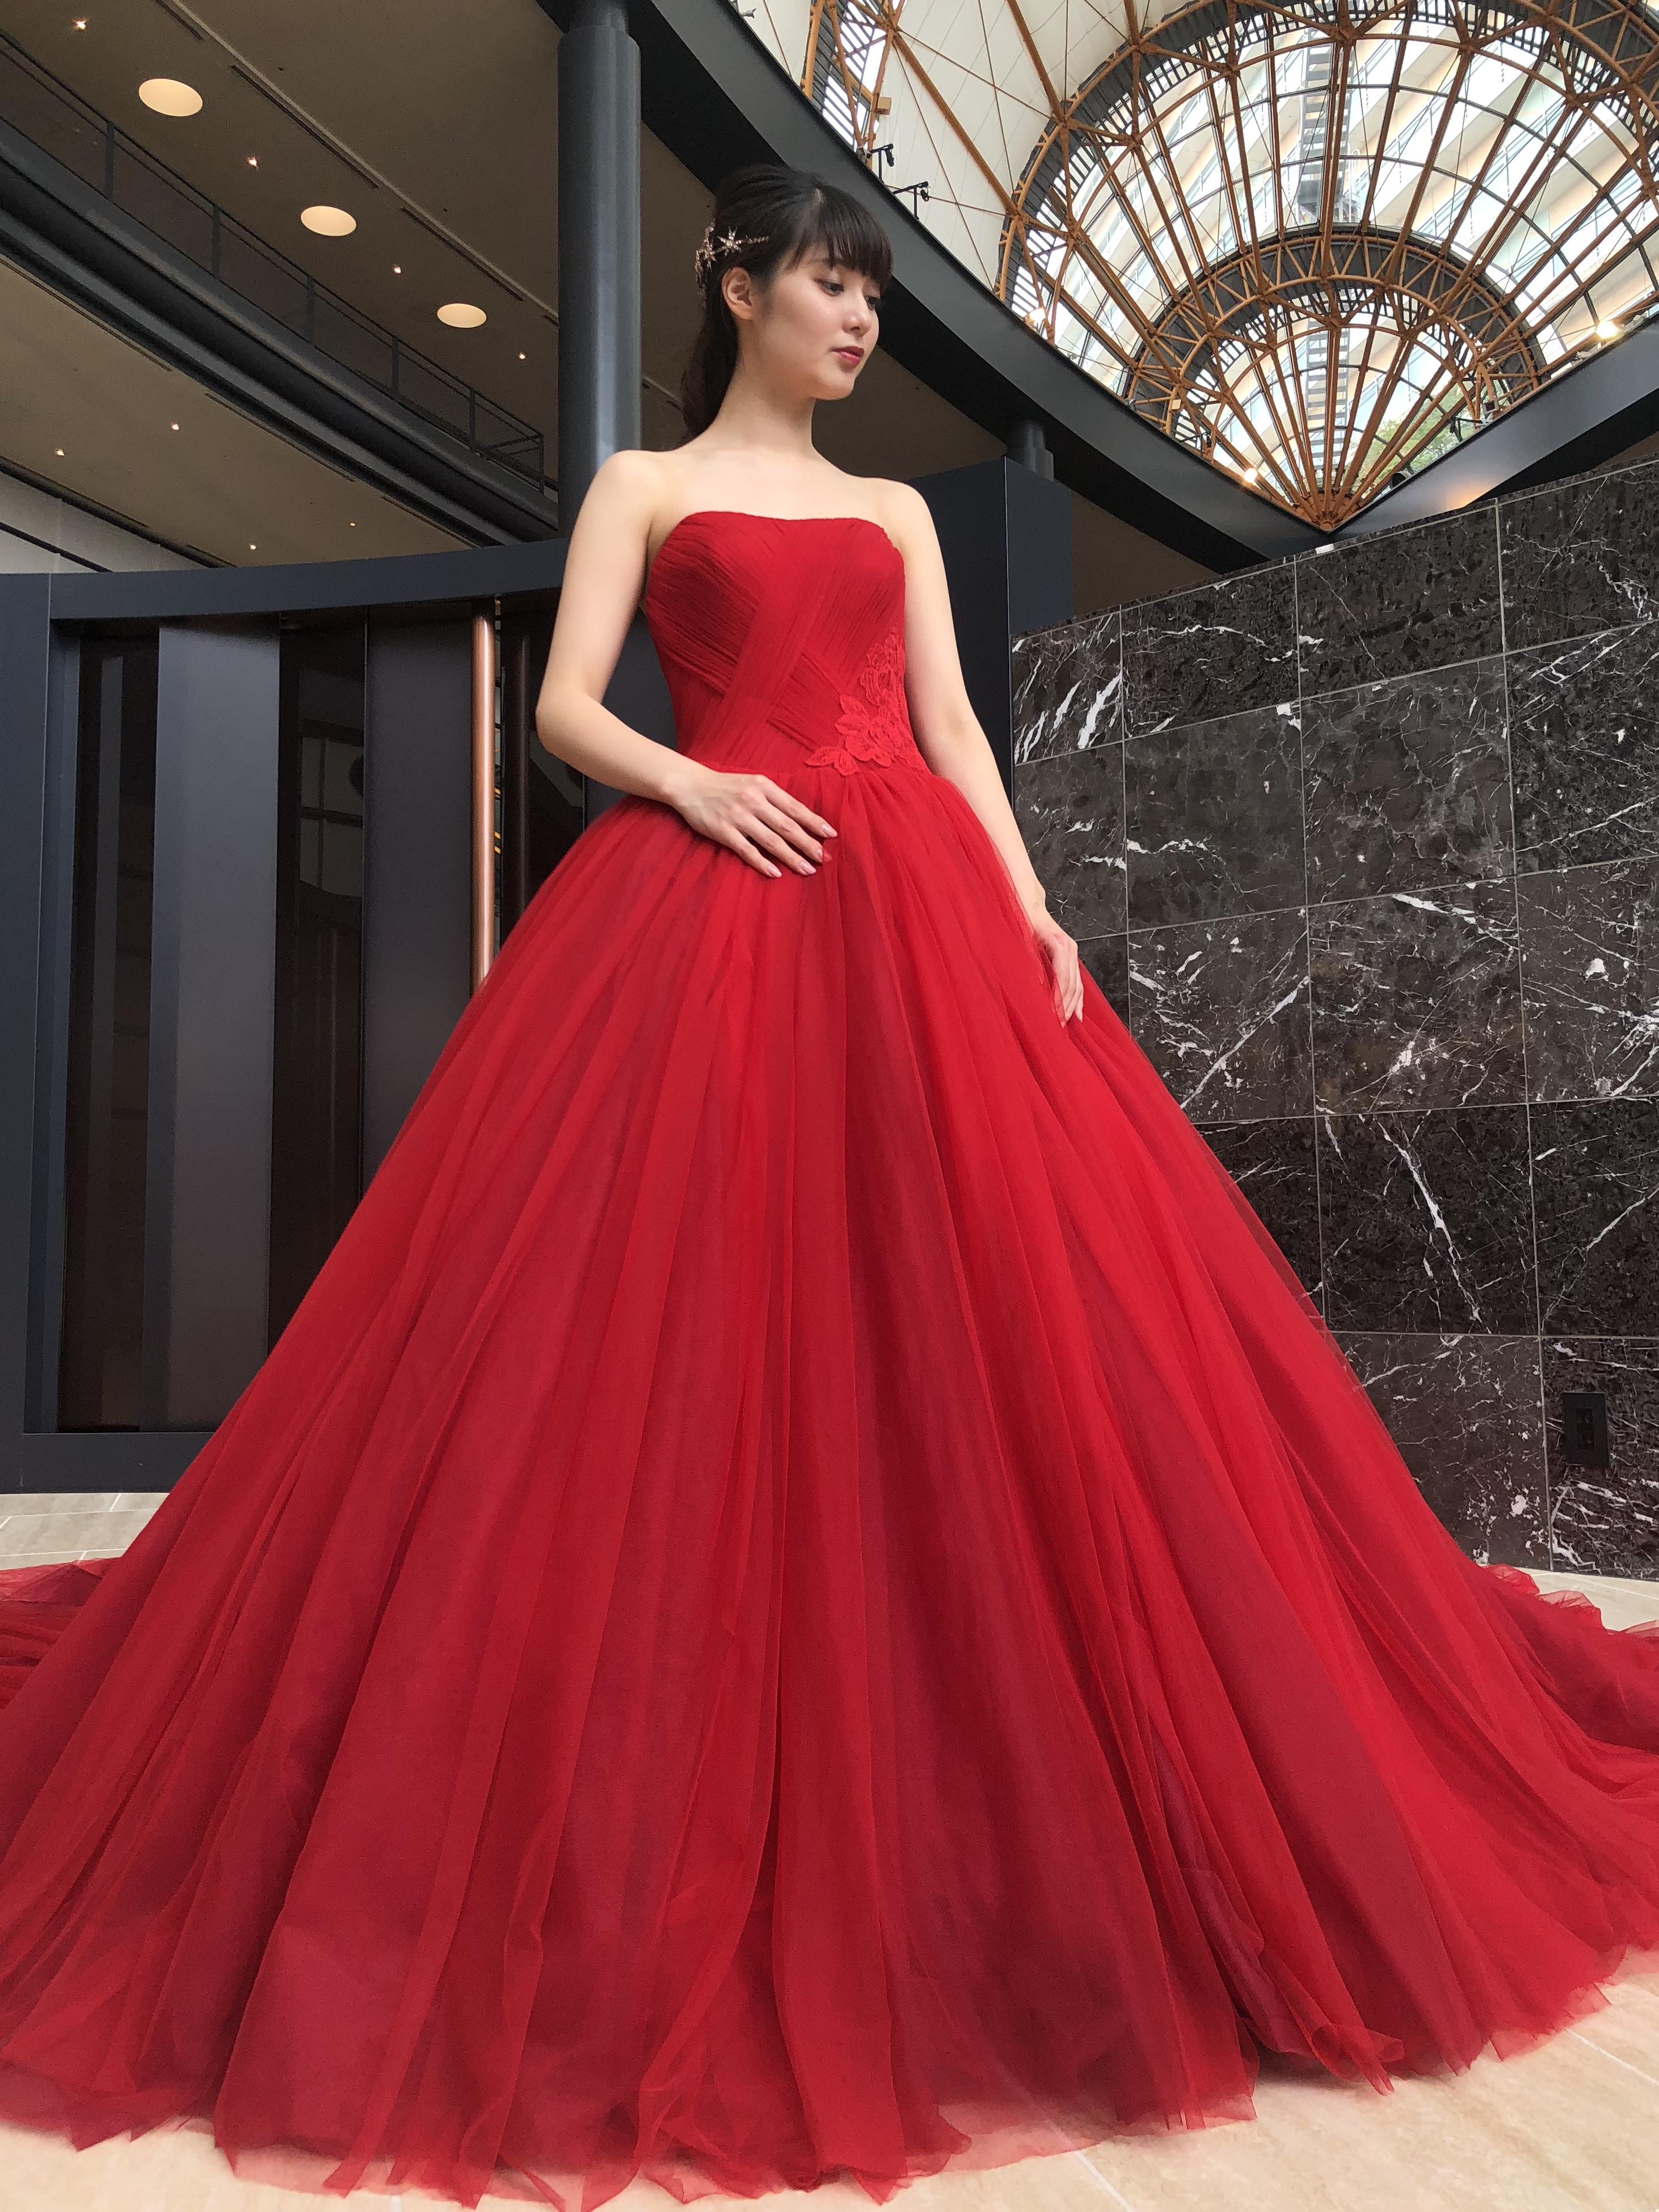 ドラマティックでゴージャスなカラードレスで気品あふれる花嫁様に【JUNOシーホーク店】